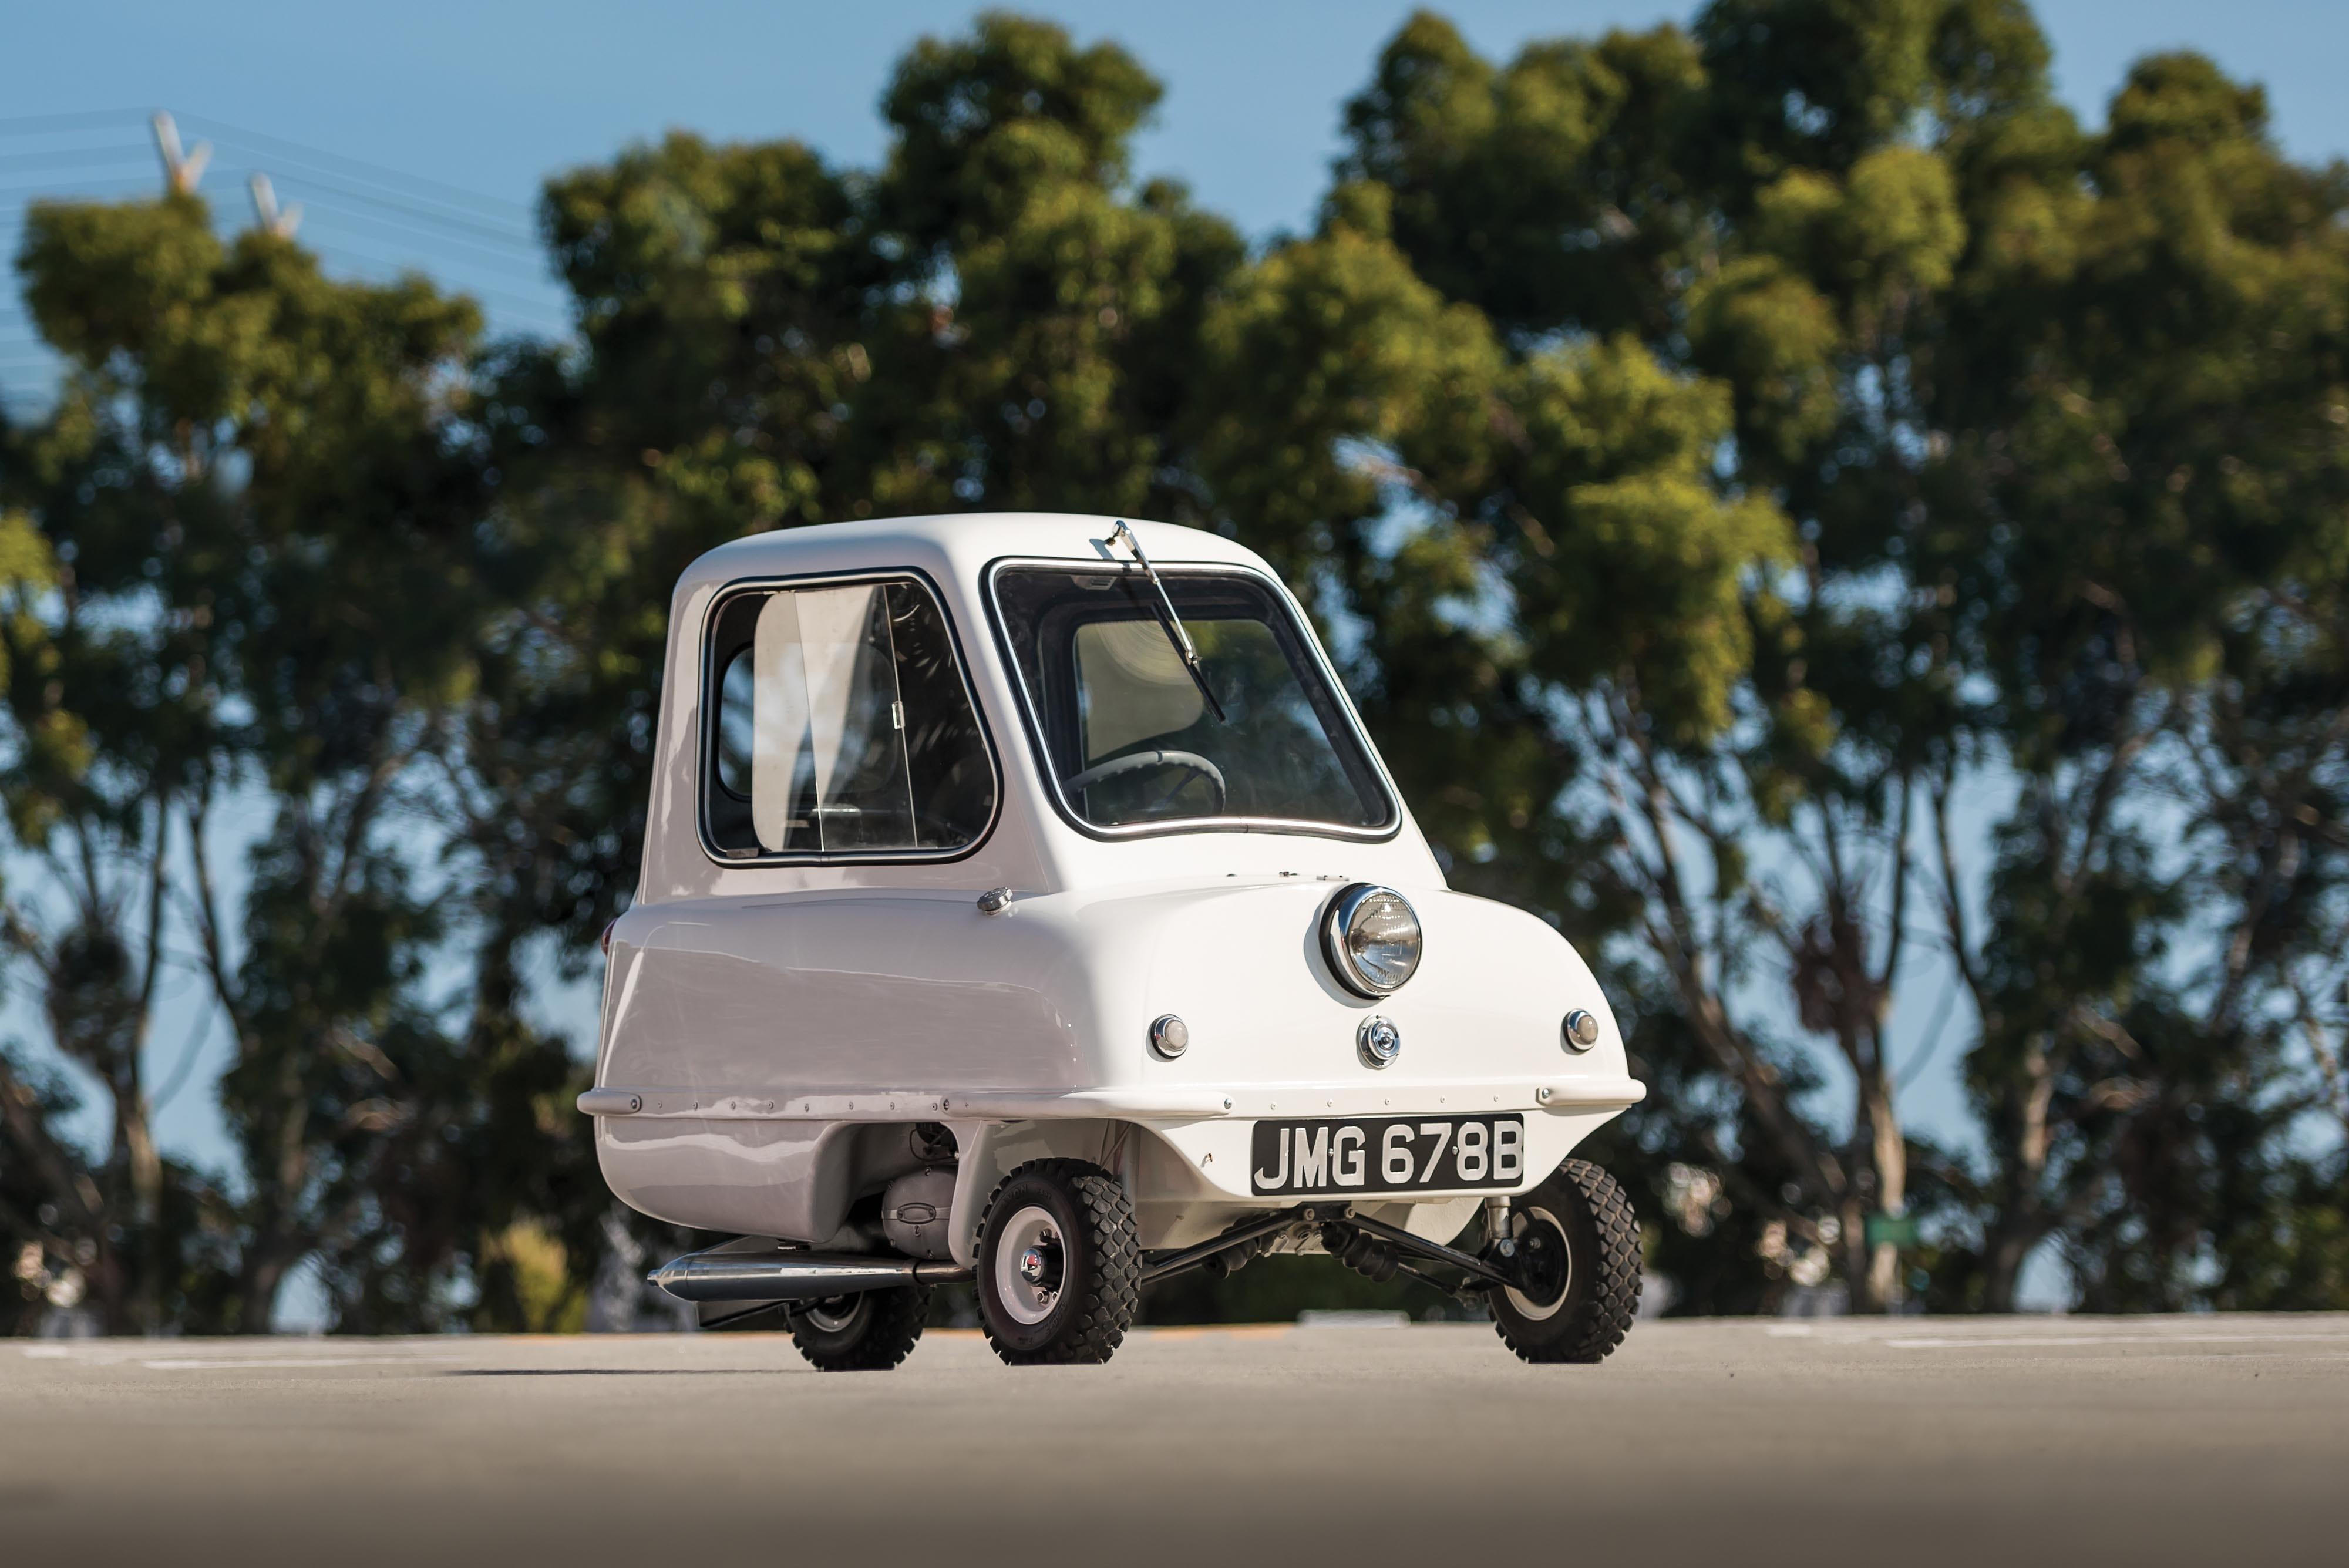 Un Peel P50 blanco, el coche más pequeño del mundo